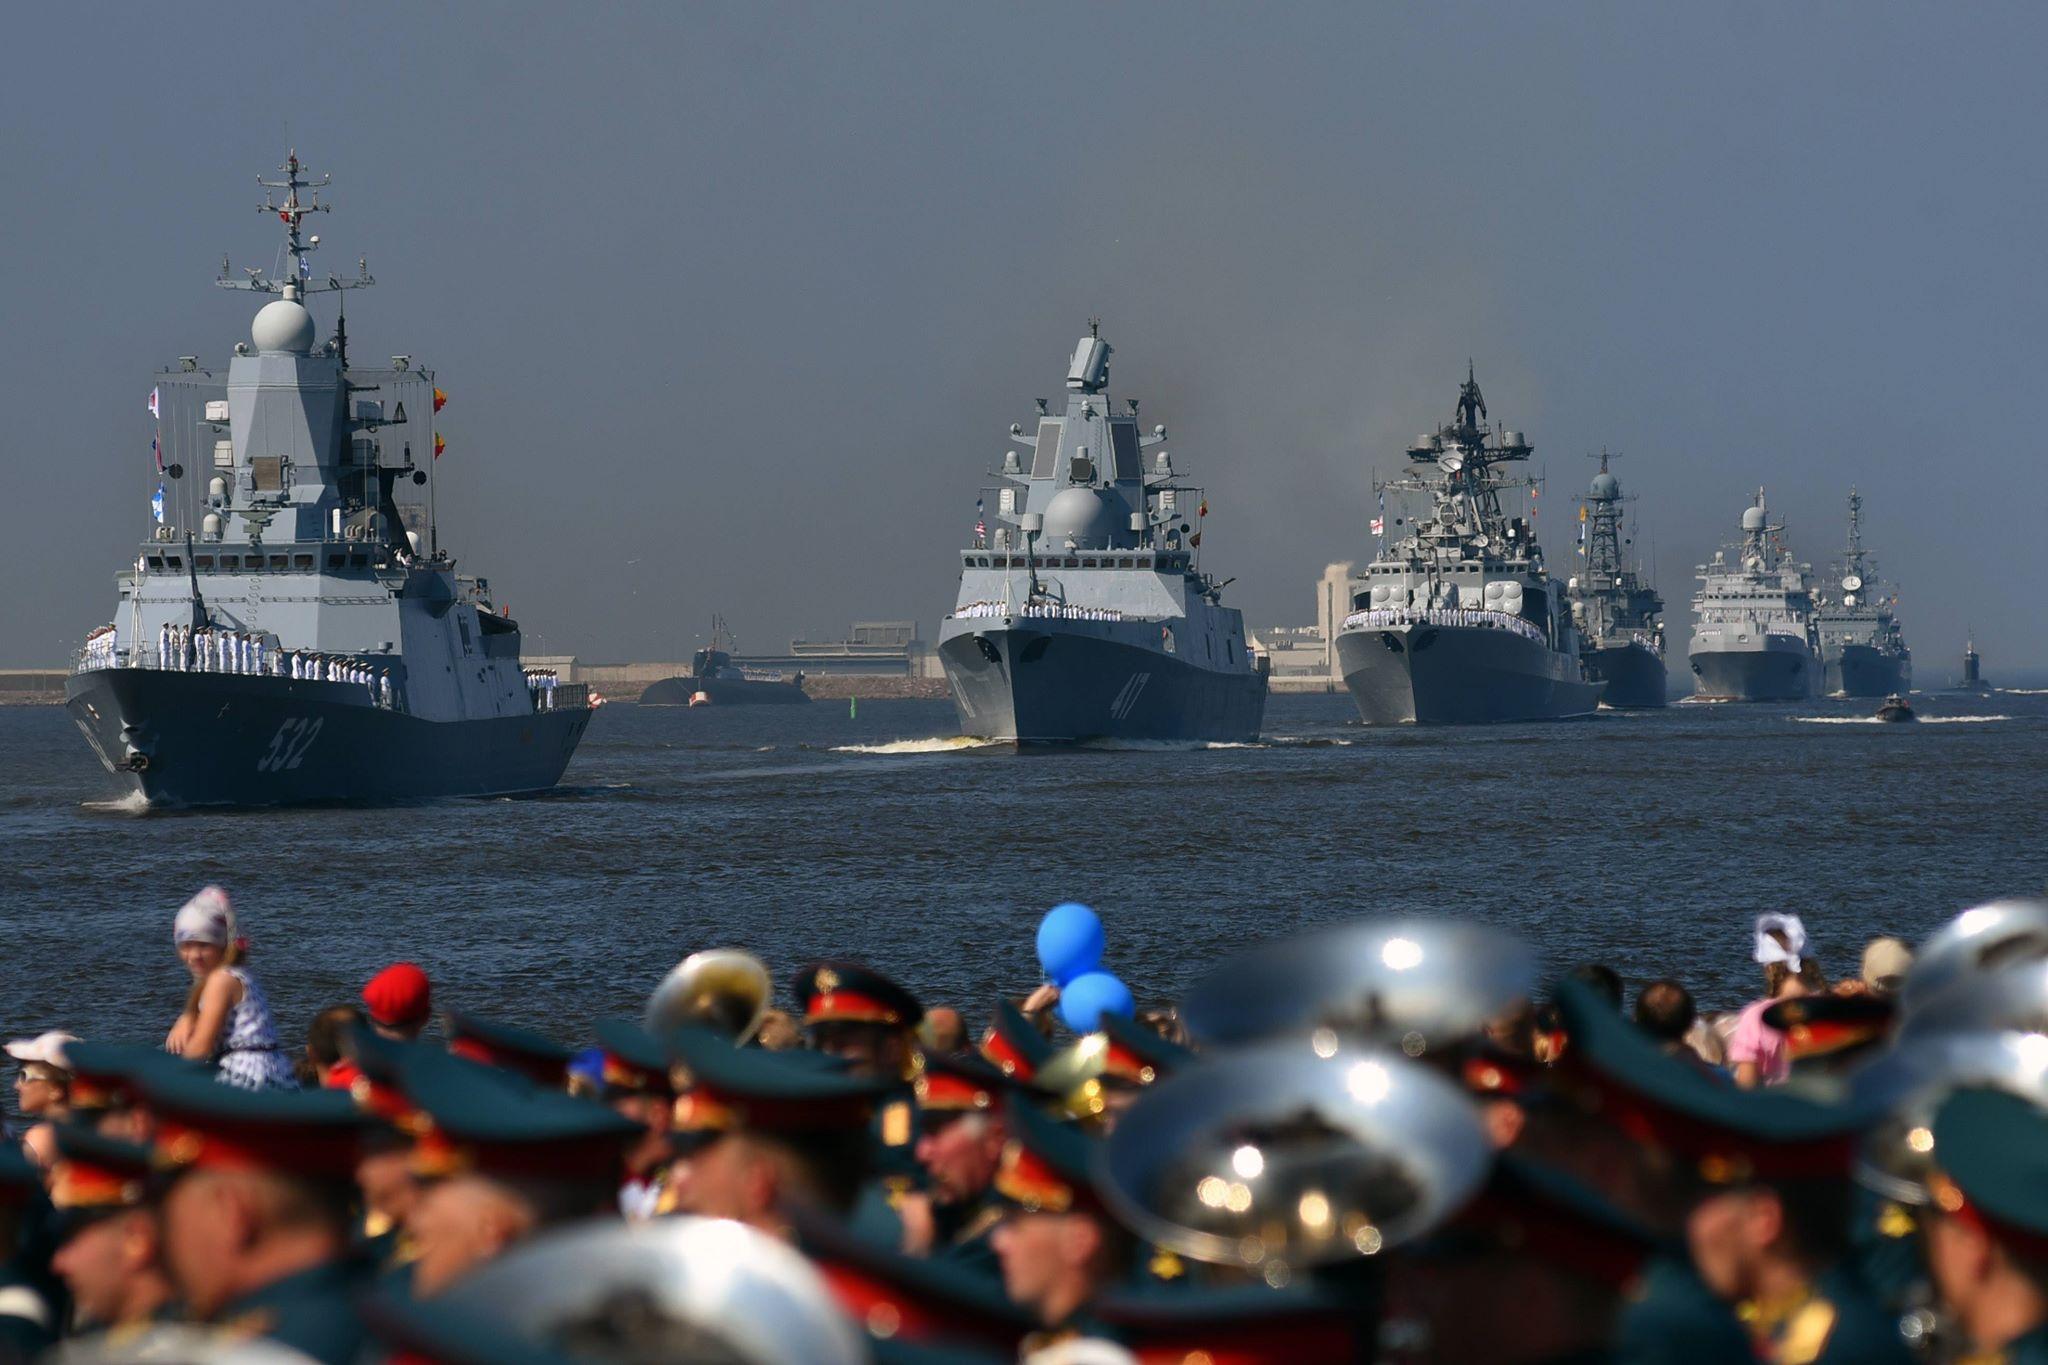 Фрегат «Адмирал флота Советского Союза Горшков» (в центре) уже оснащен системой«Филин»